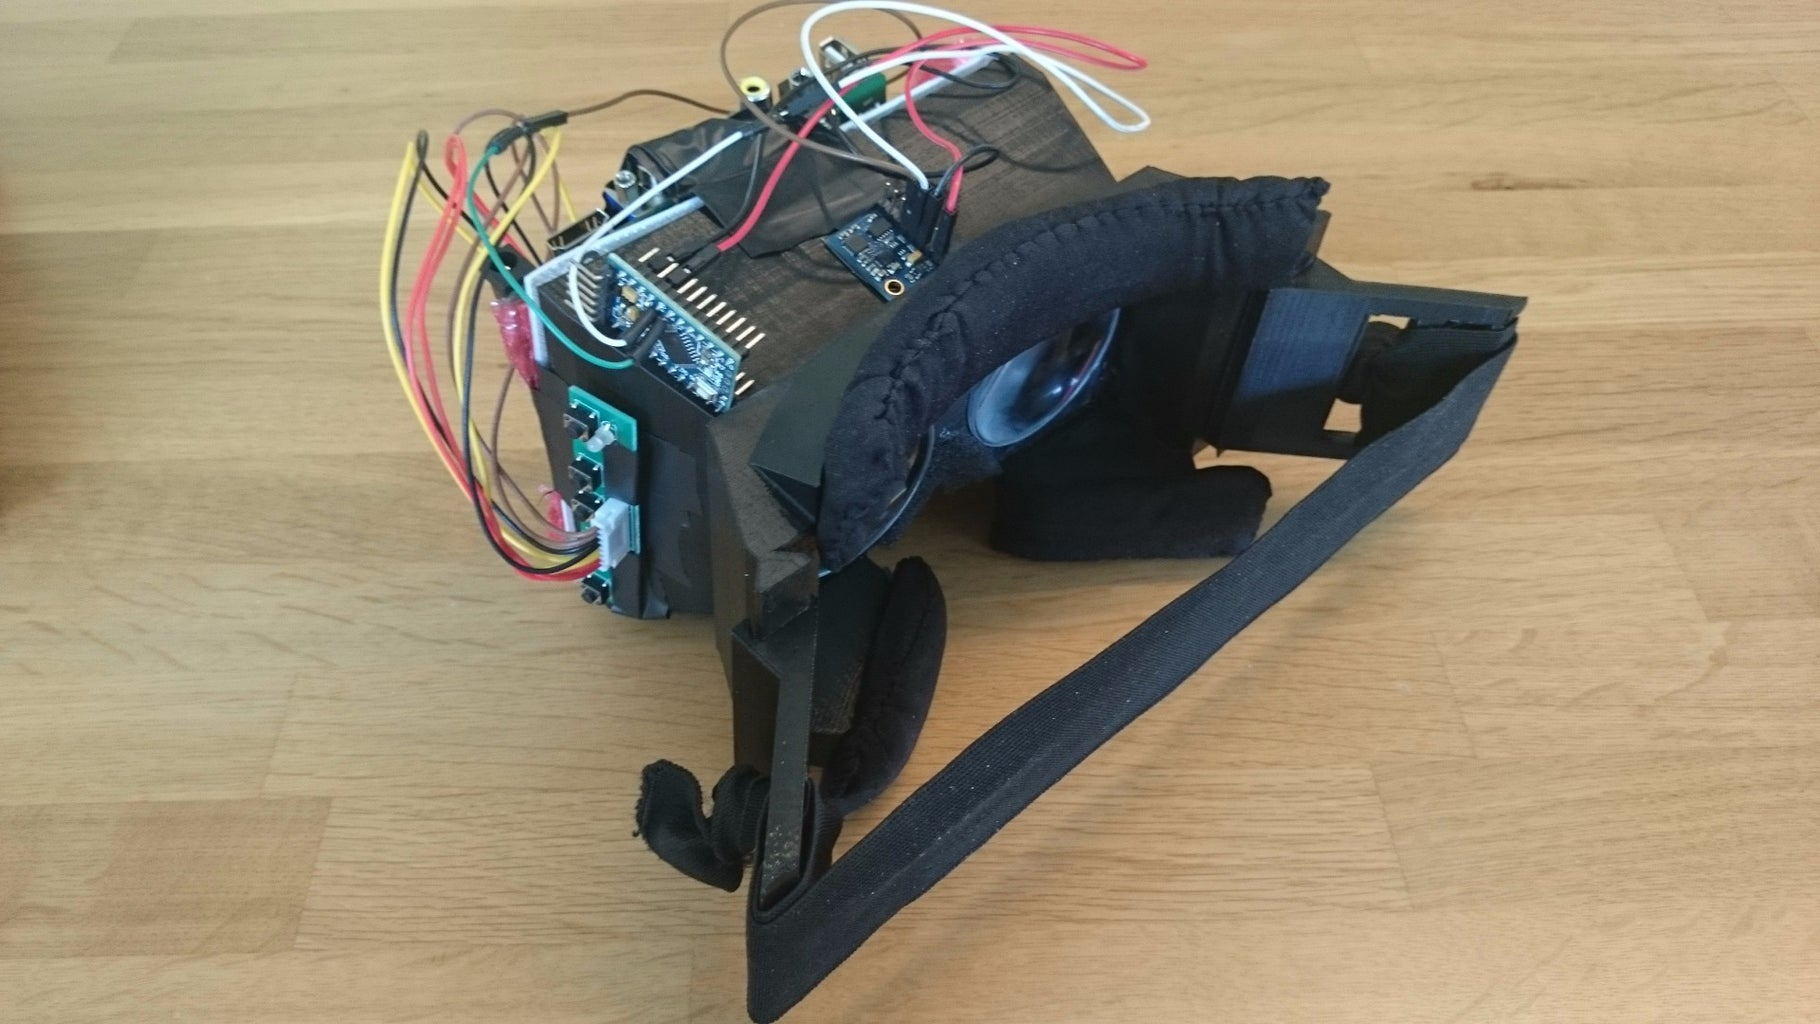 Hardware 1 : Headtracking Sensor